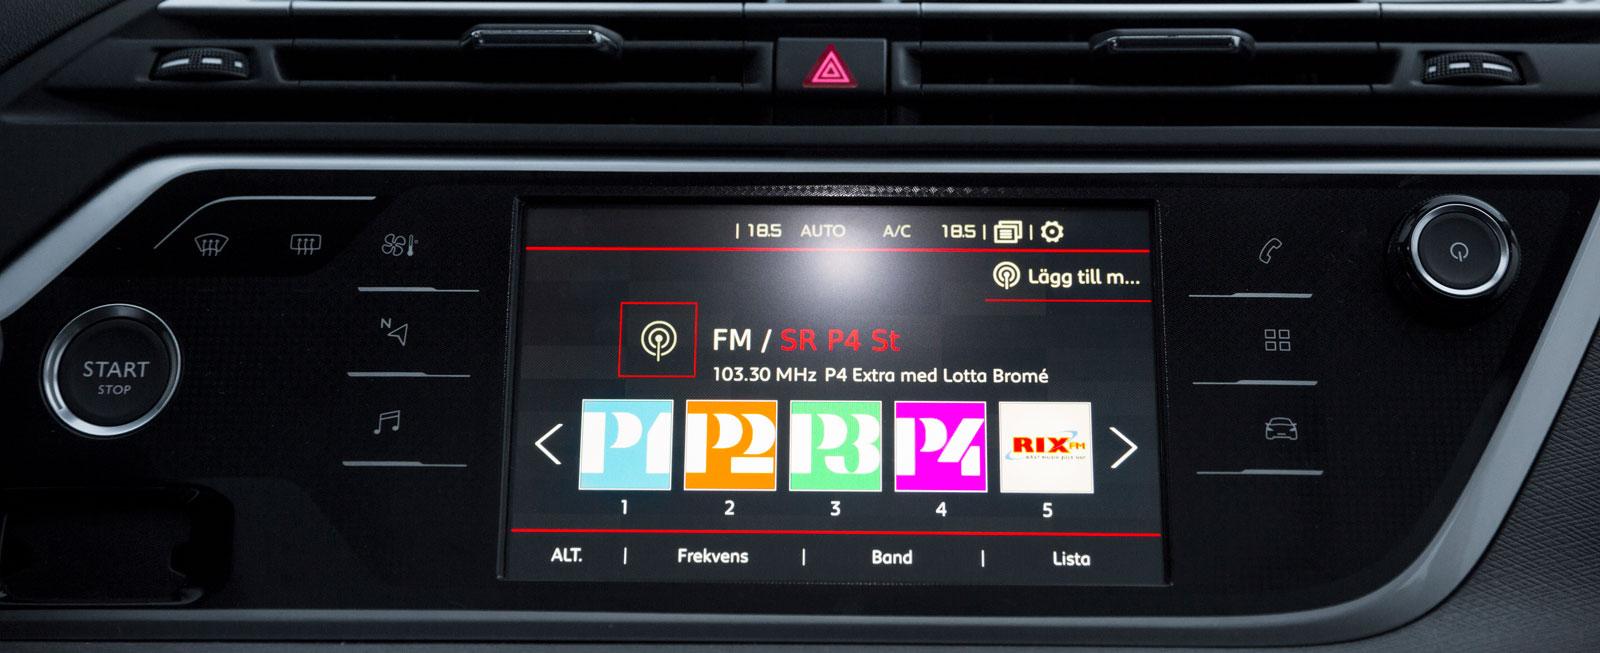 I Citroën styrs nästan alla funktioner via en pekskärm. Systemet är hyfsat snabbt, men klantig översättning till svenska irriterar. Vissa funktioner är svårfunna.